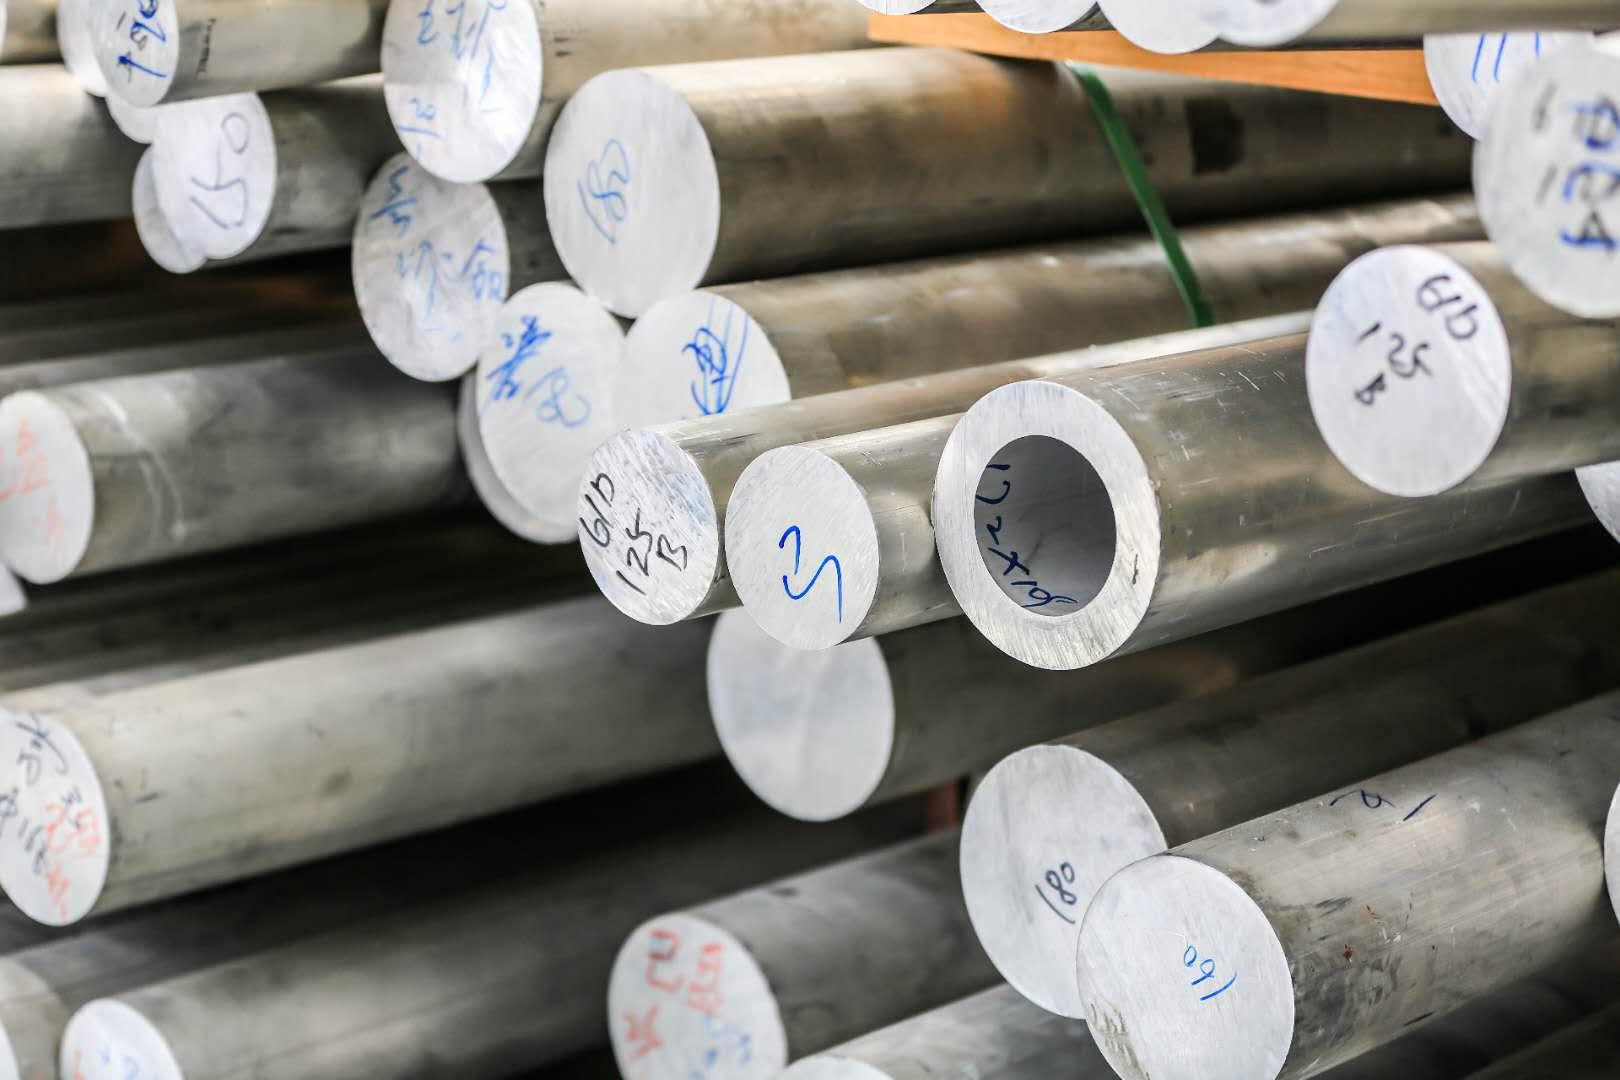 上海韵贤金属厂家直销6061铝板铝棒7075航空铝板 超硬铝棒,7075航空铝板 超硬铝棒